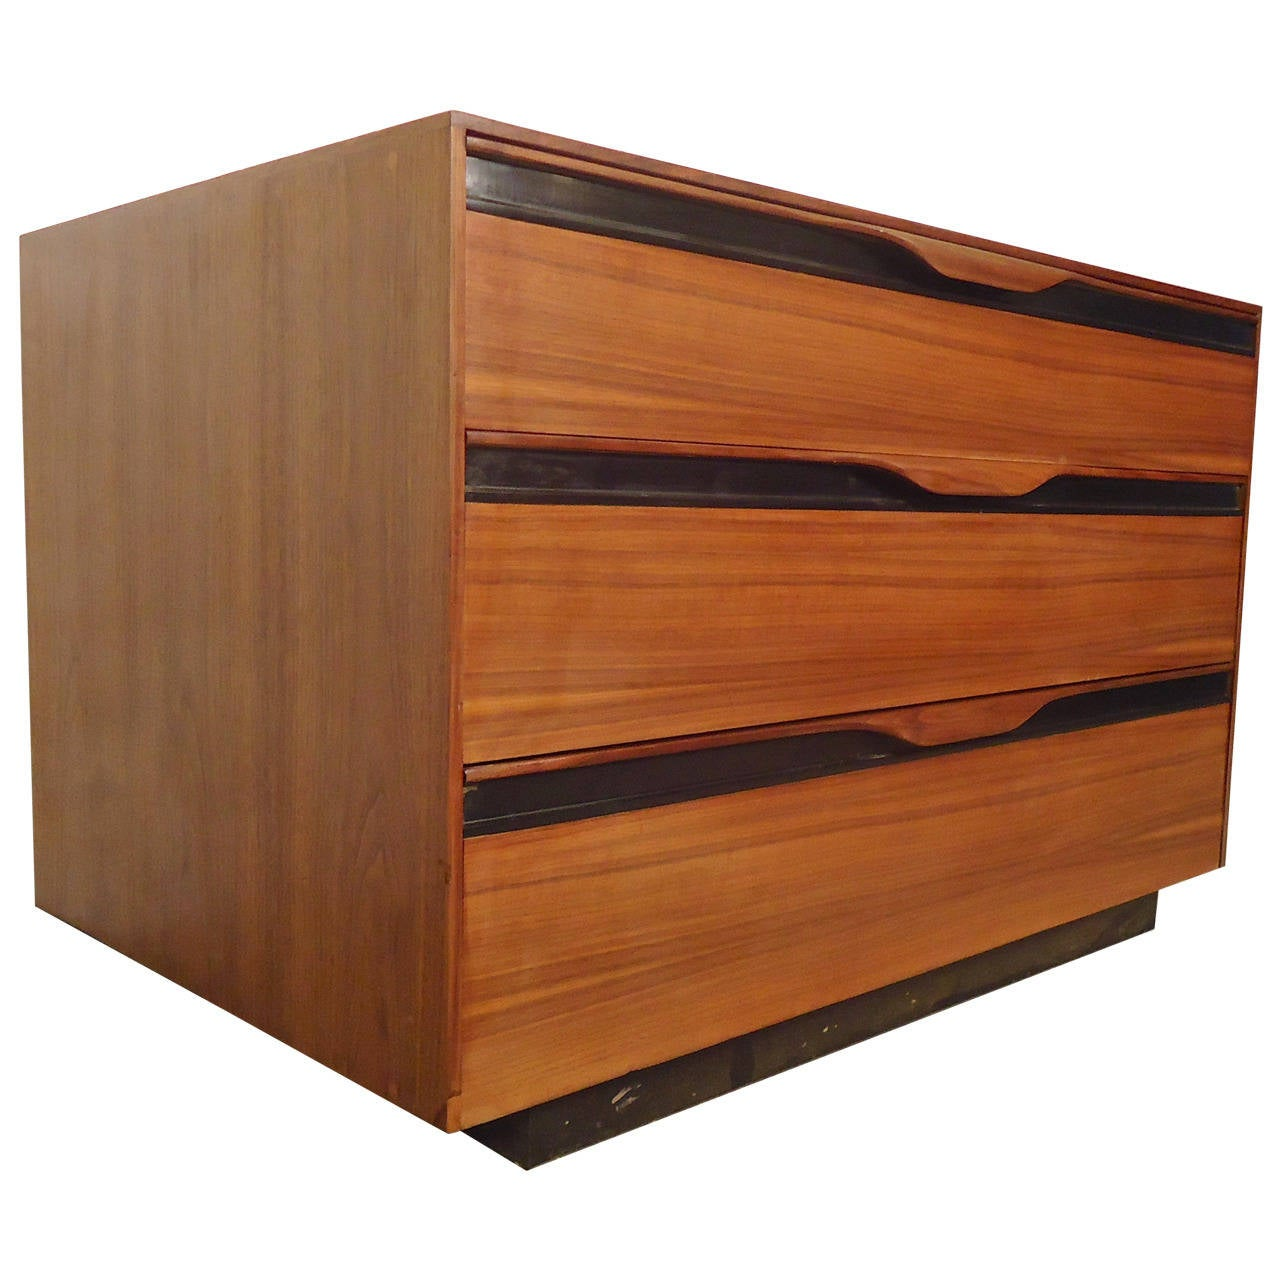 Petite Dresser by John Kapel for John Stuart